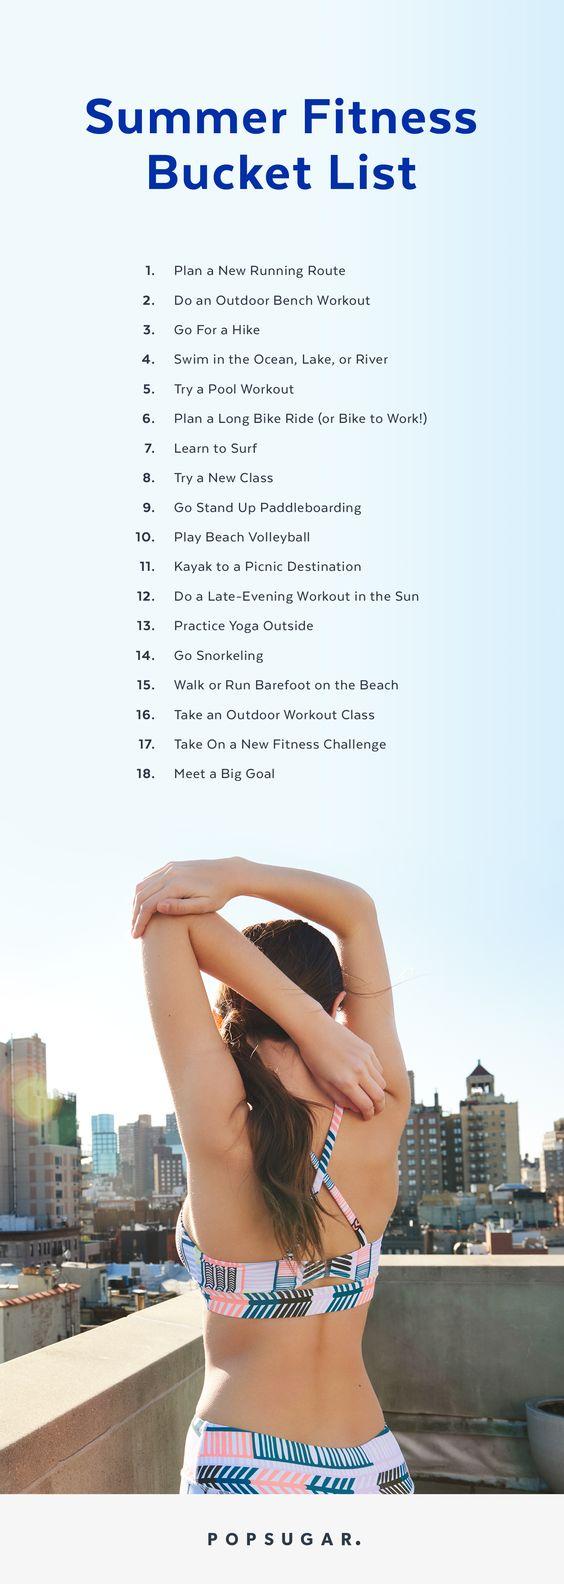 Summer Fitness Checklist